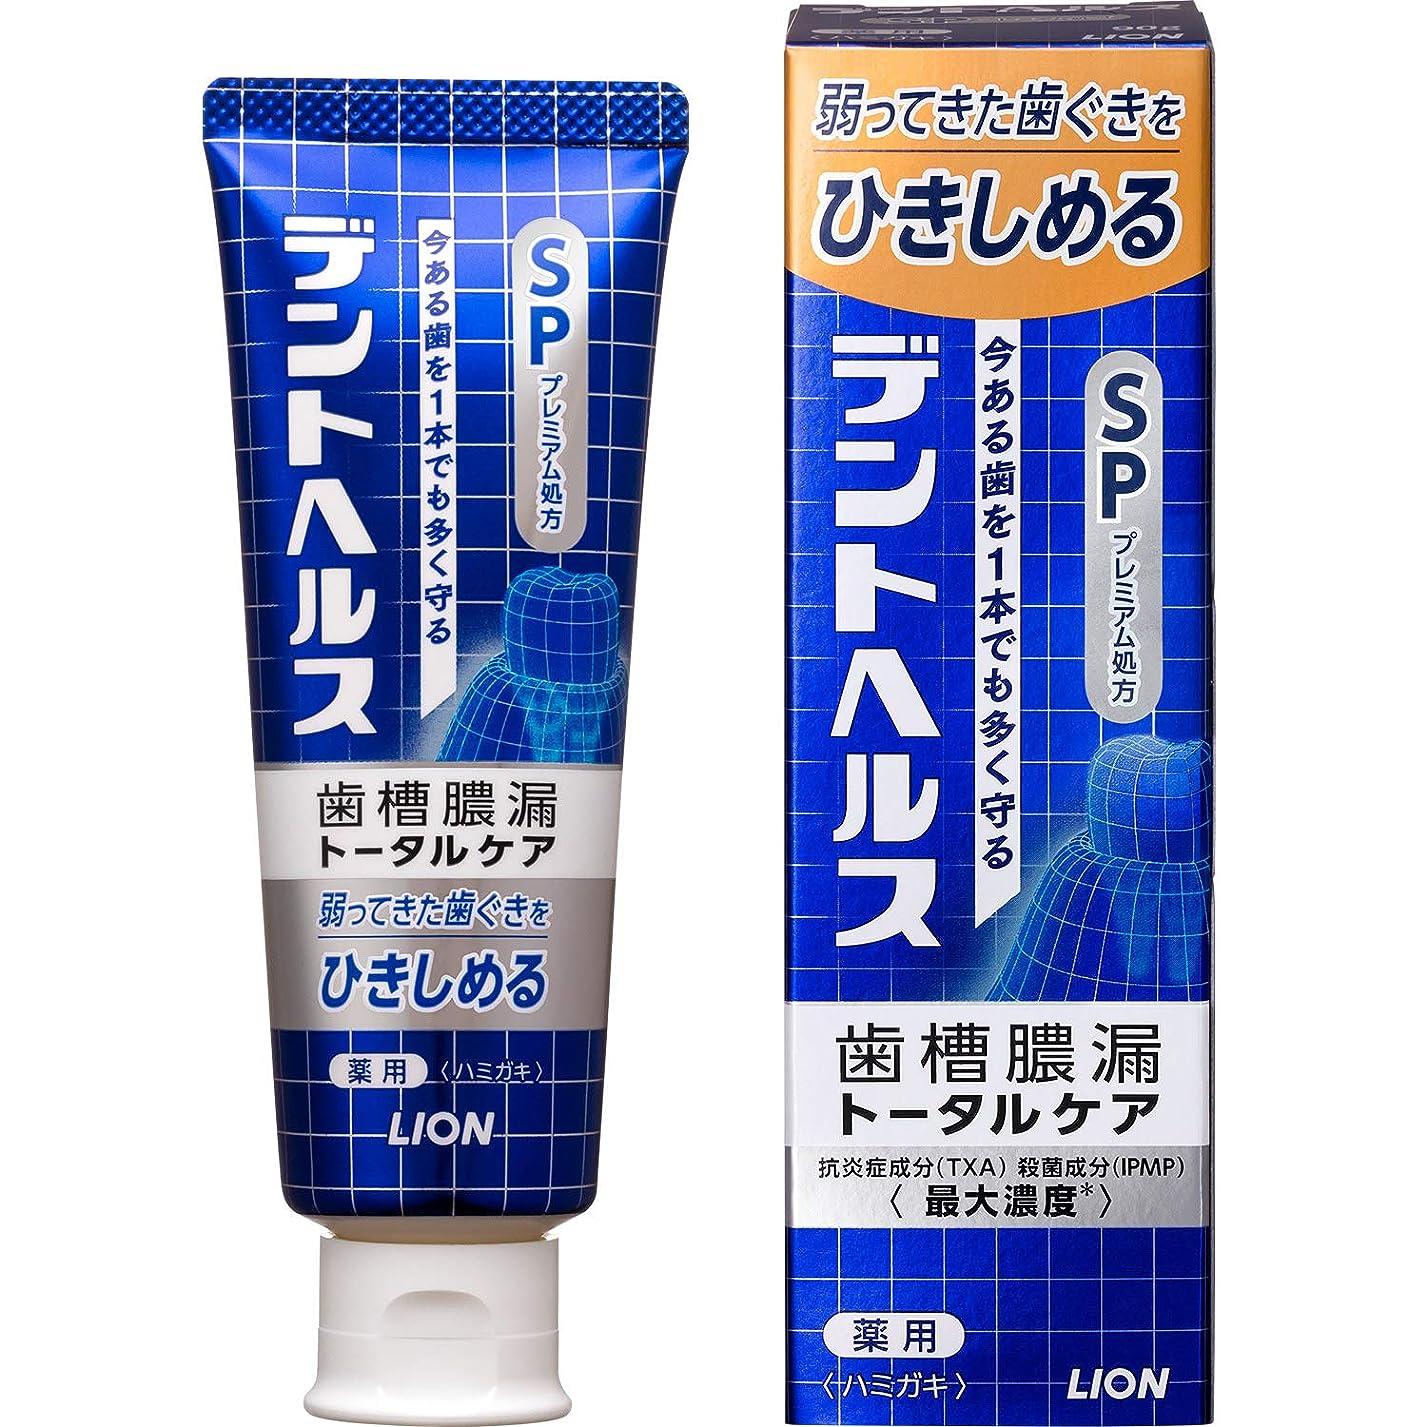 コインウール平和歯槽膿漏予防に デントヘルス 薬用ハミガキSP 90g (医薬部外品)